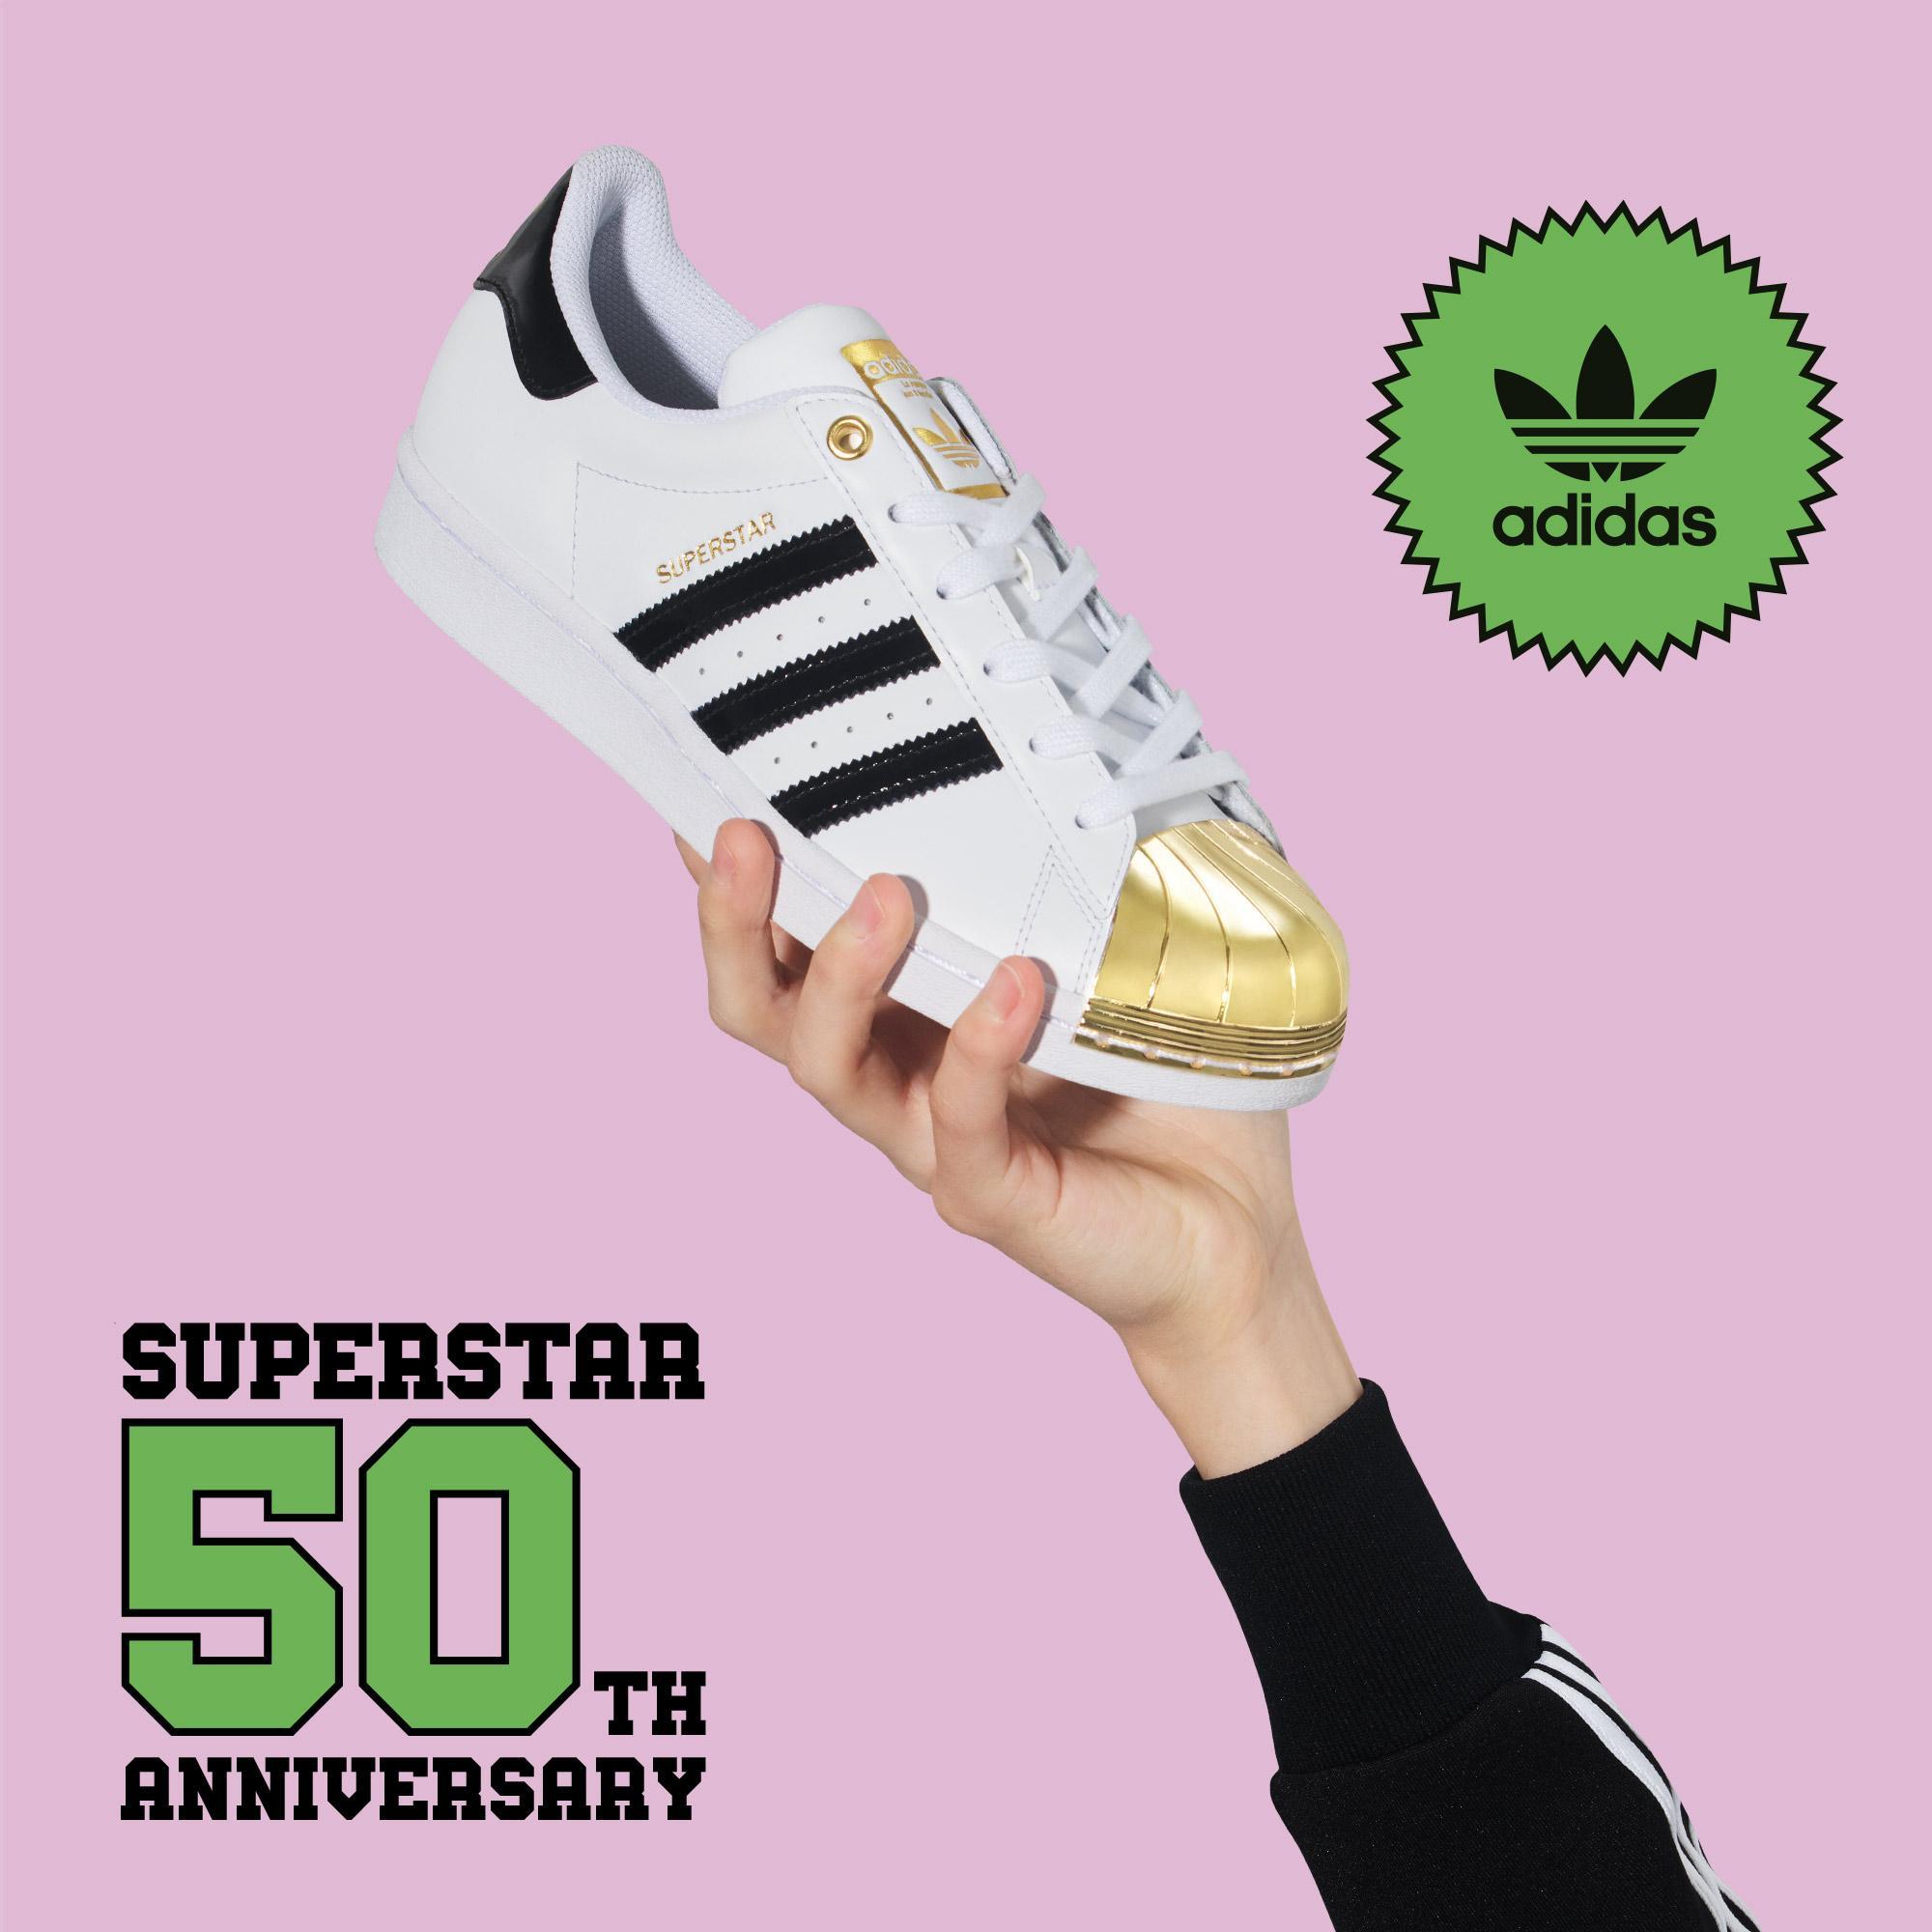 搭載金色貝殼鞋頭的 adidas Superstar 鞋款